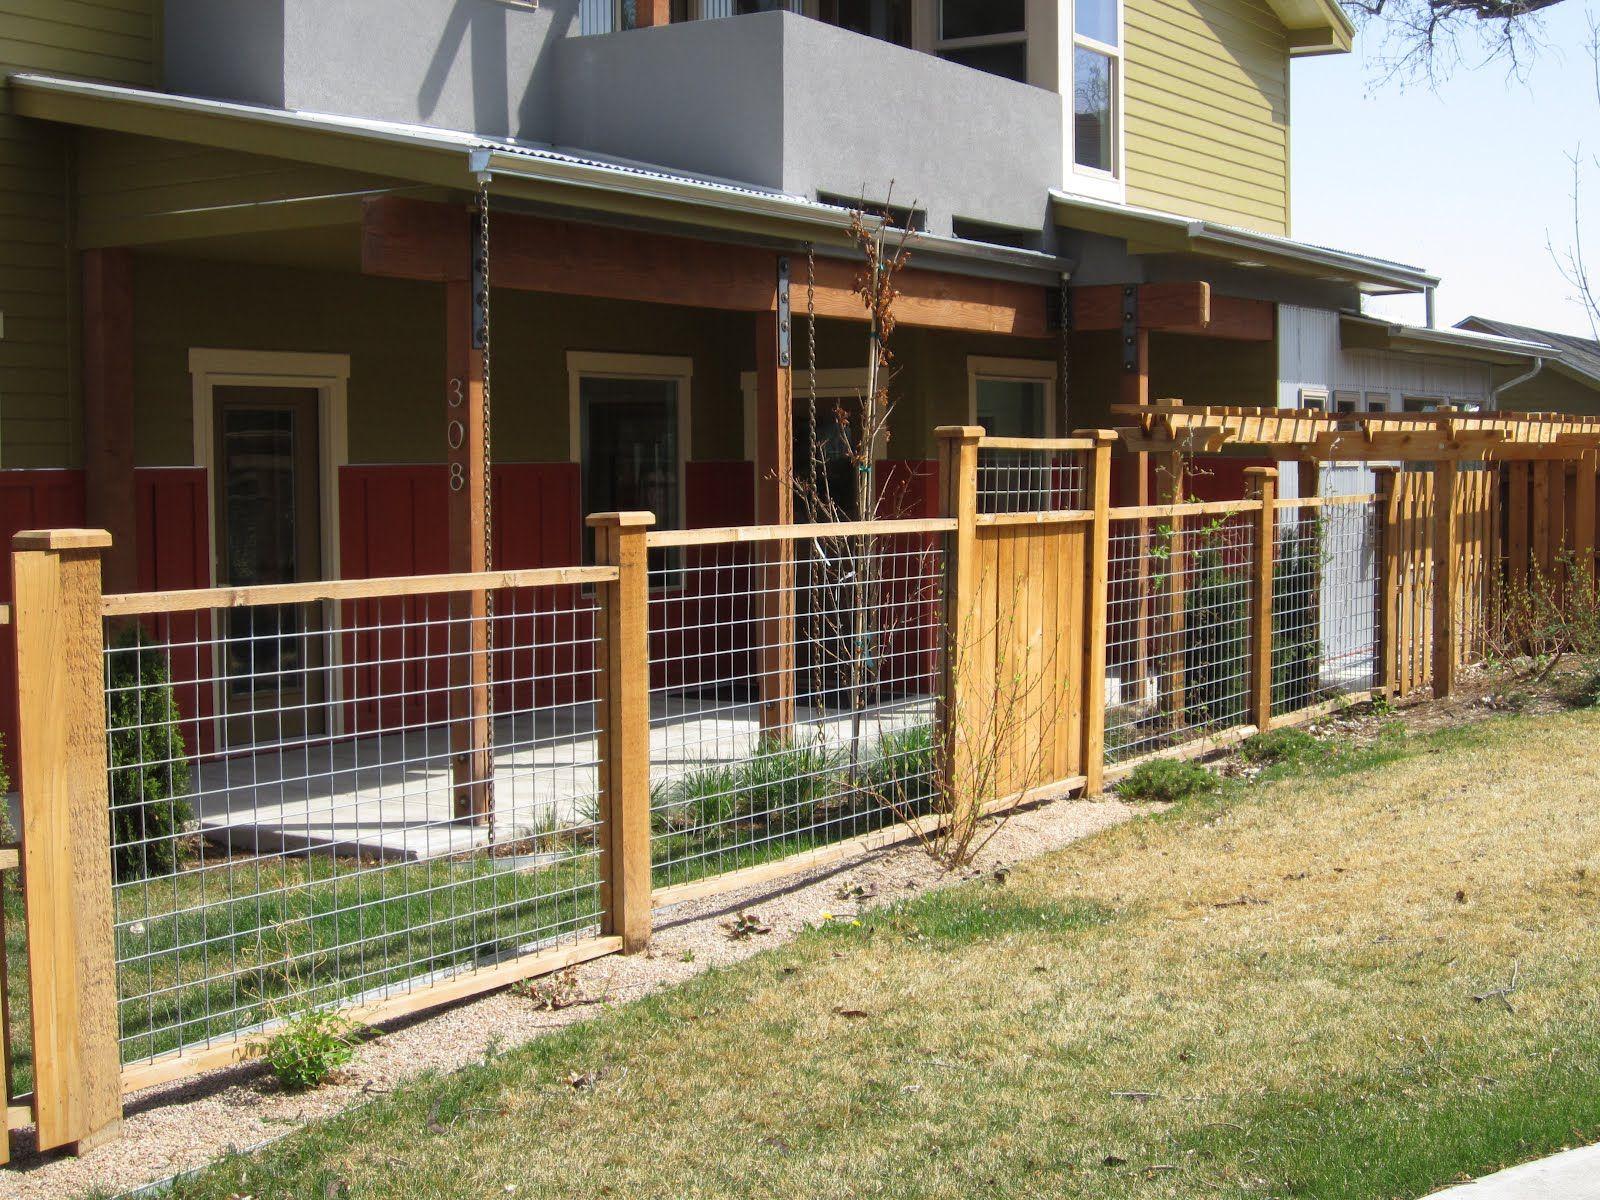 Hog Fence Panels Garden Types Ideas E2 80 93 Design Image Of. garden ...